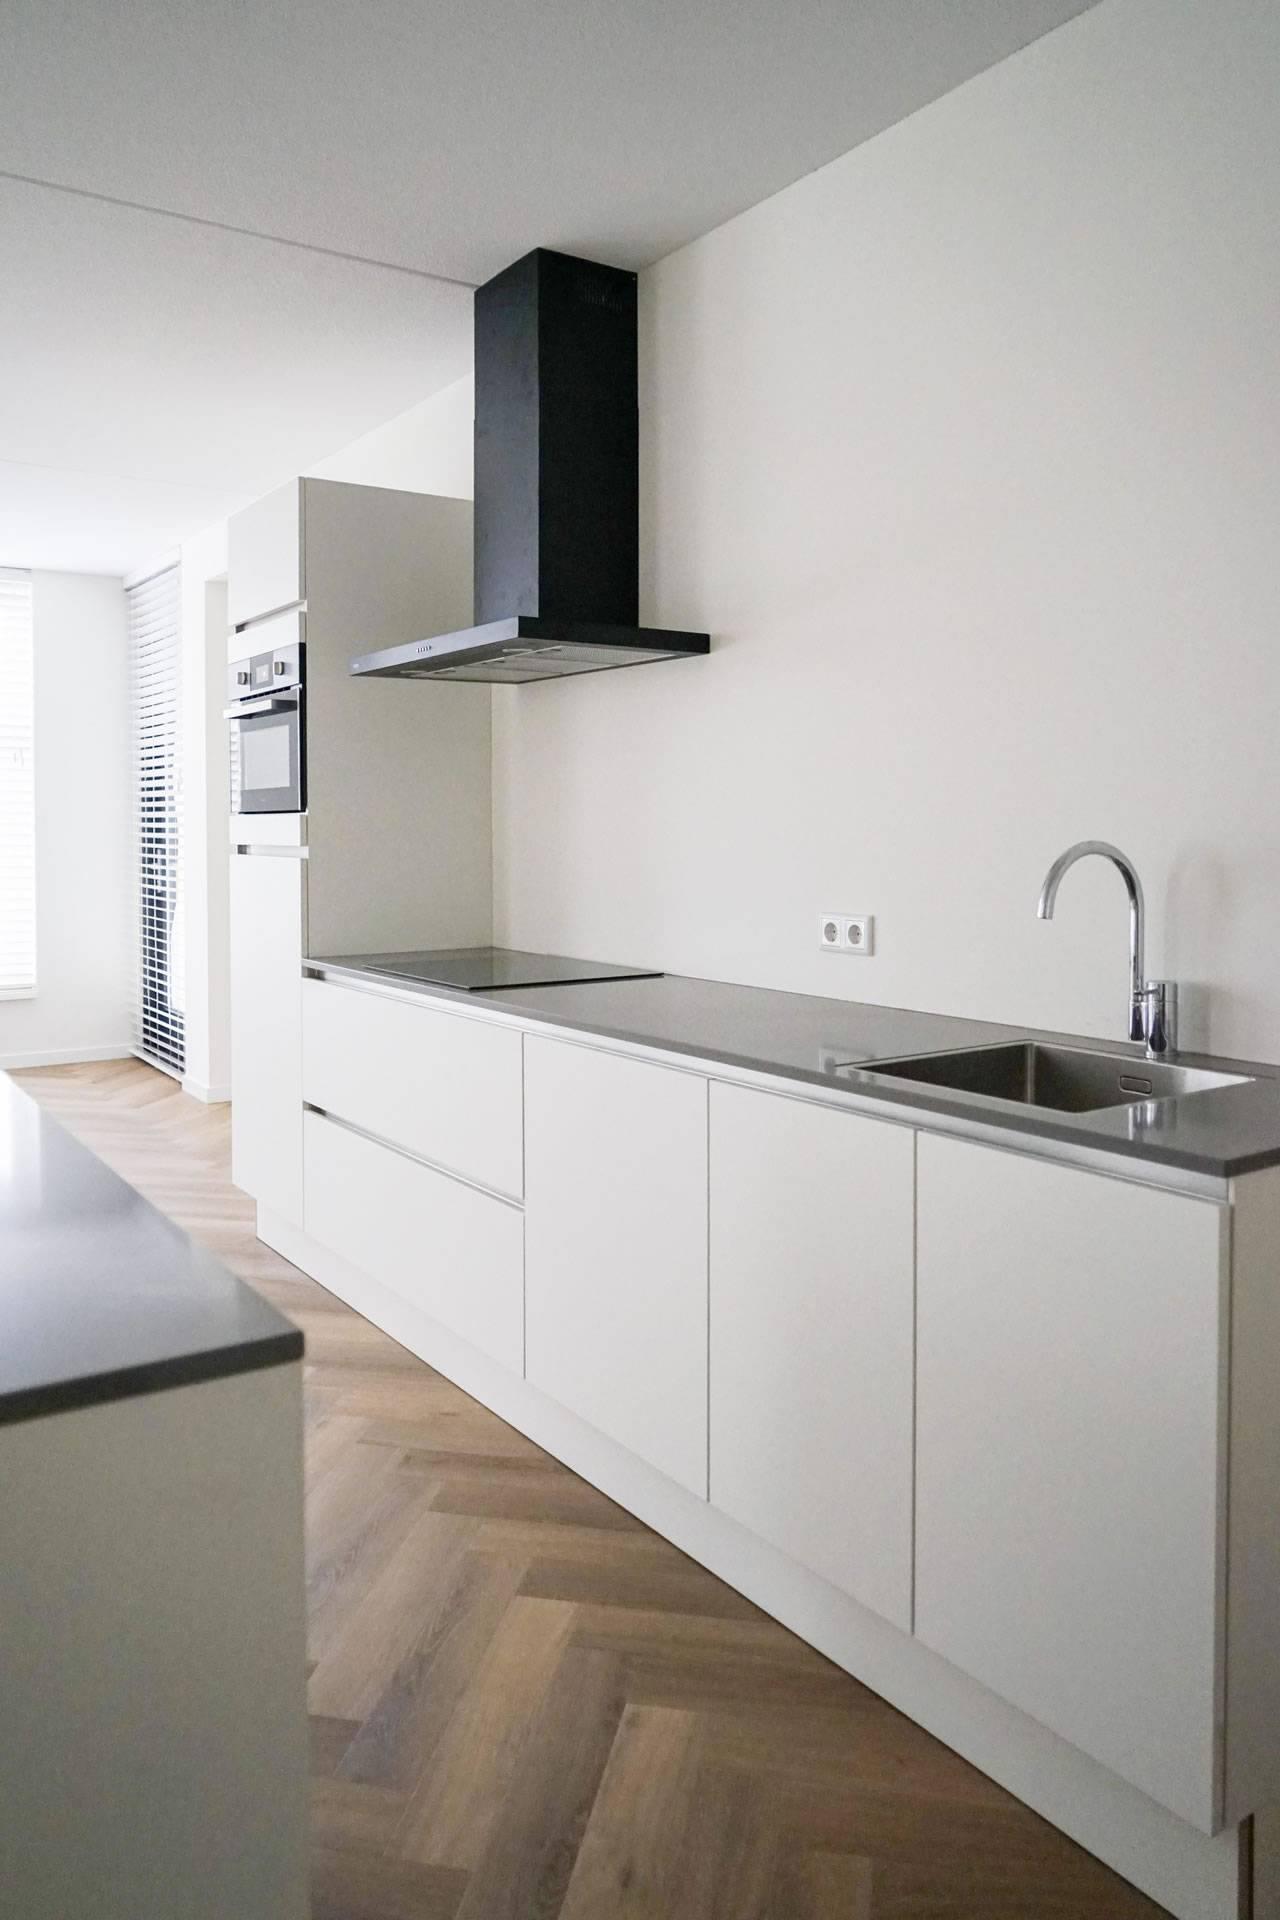 Verouden Bouwbedrijf - 6 luxe nieuwbouw appartementen - 42 - DSC05239